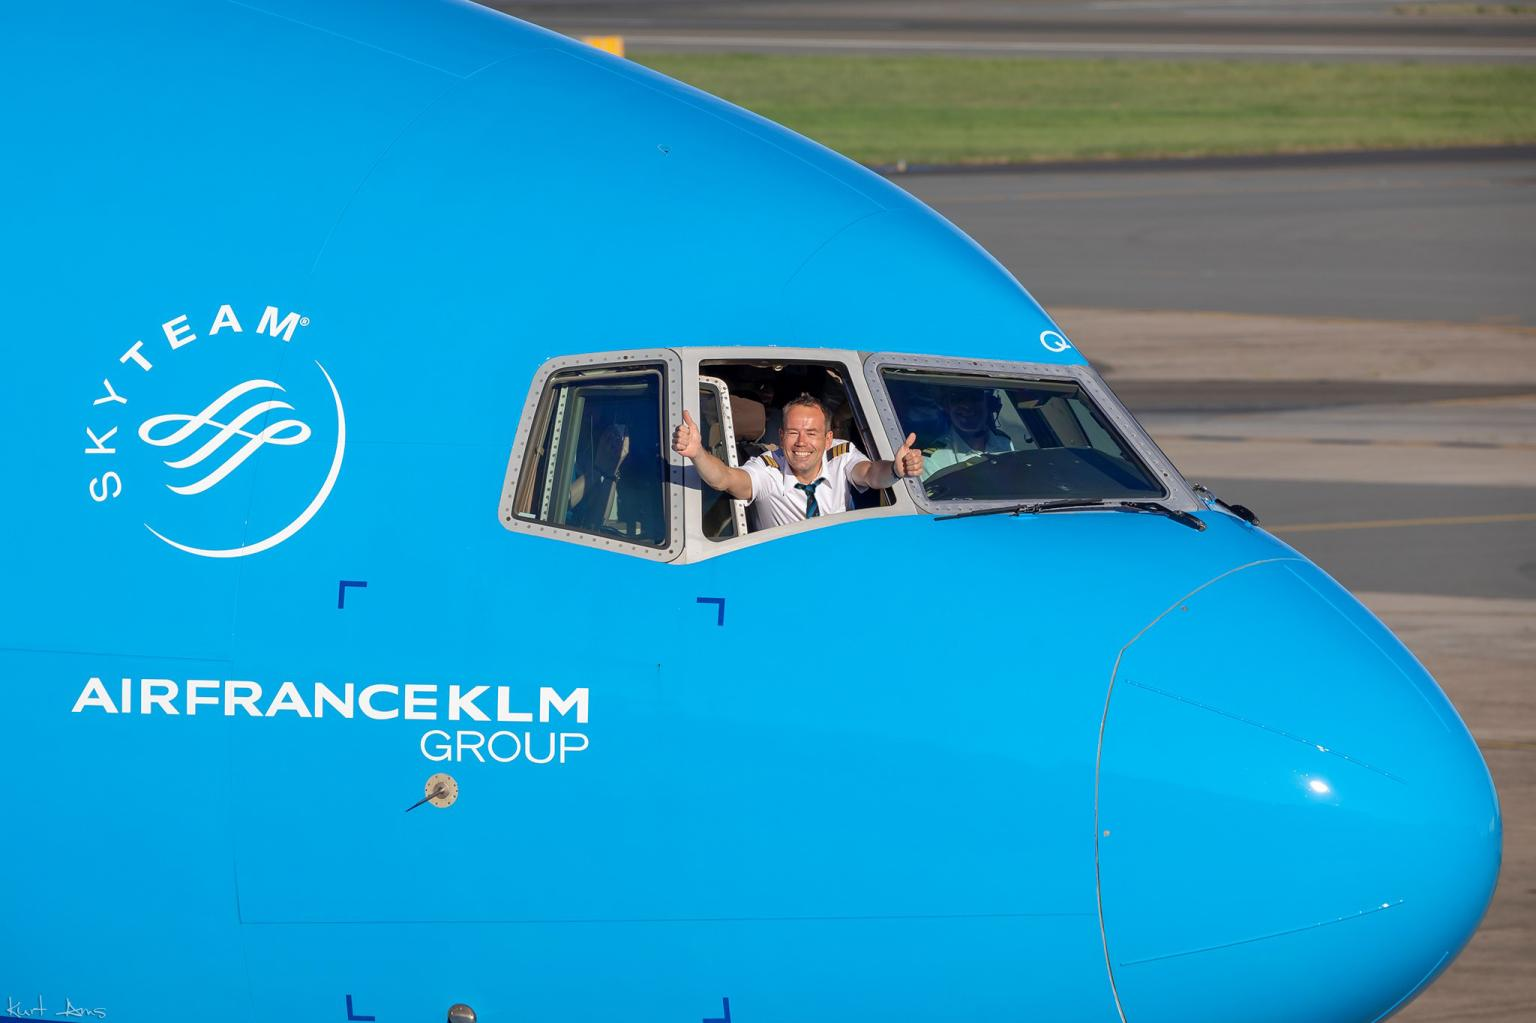 Air France-KLM gruppen har forstærket sit samarbejde med Amadeus indenfor NDC-området. Arkivfoto fra Air France-KLM.